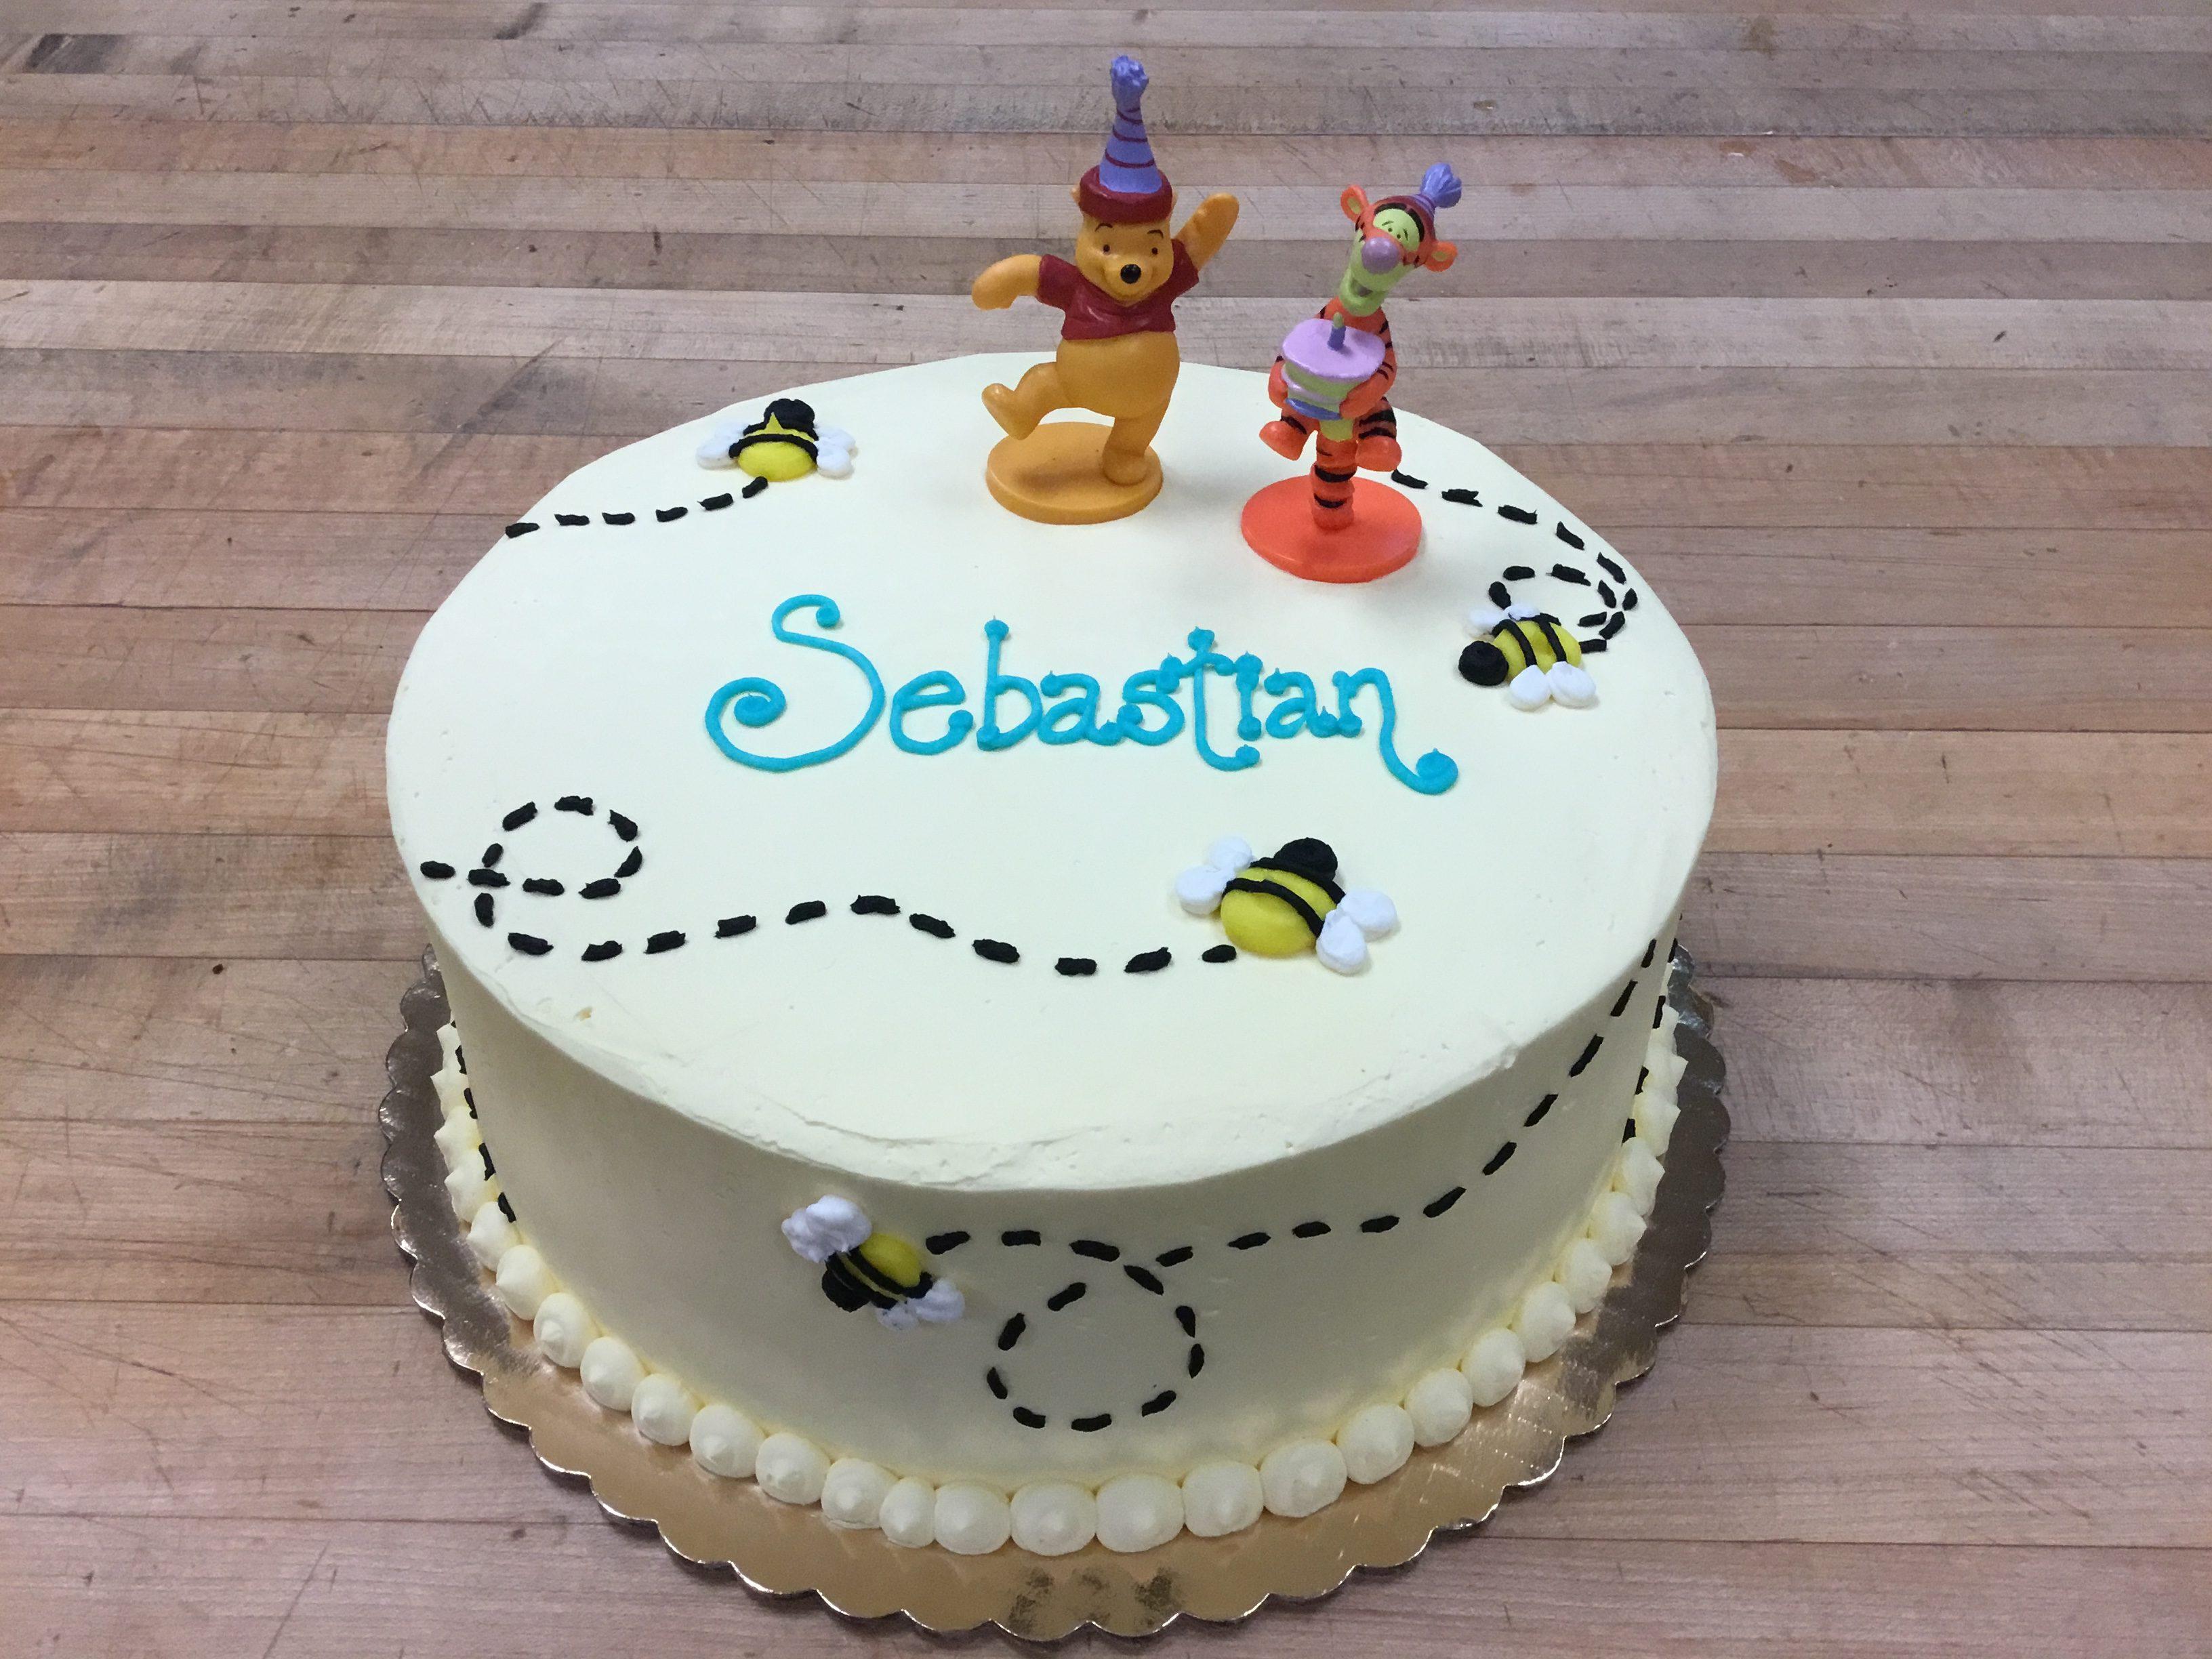 cake-sebastian-e1557763392712